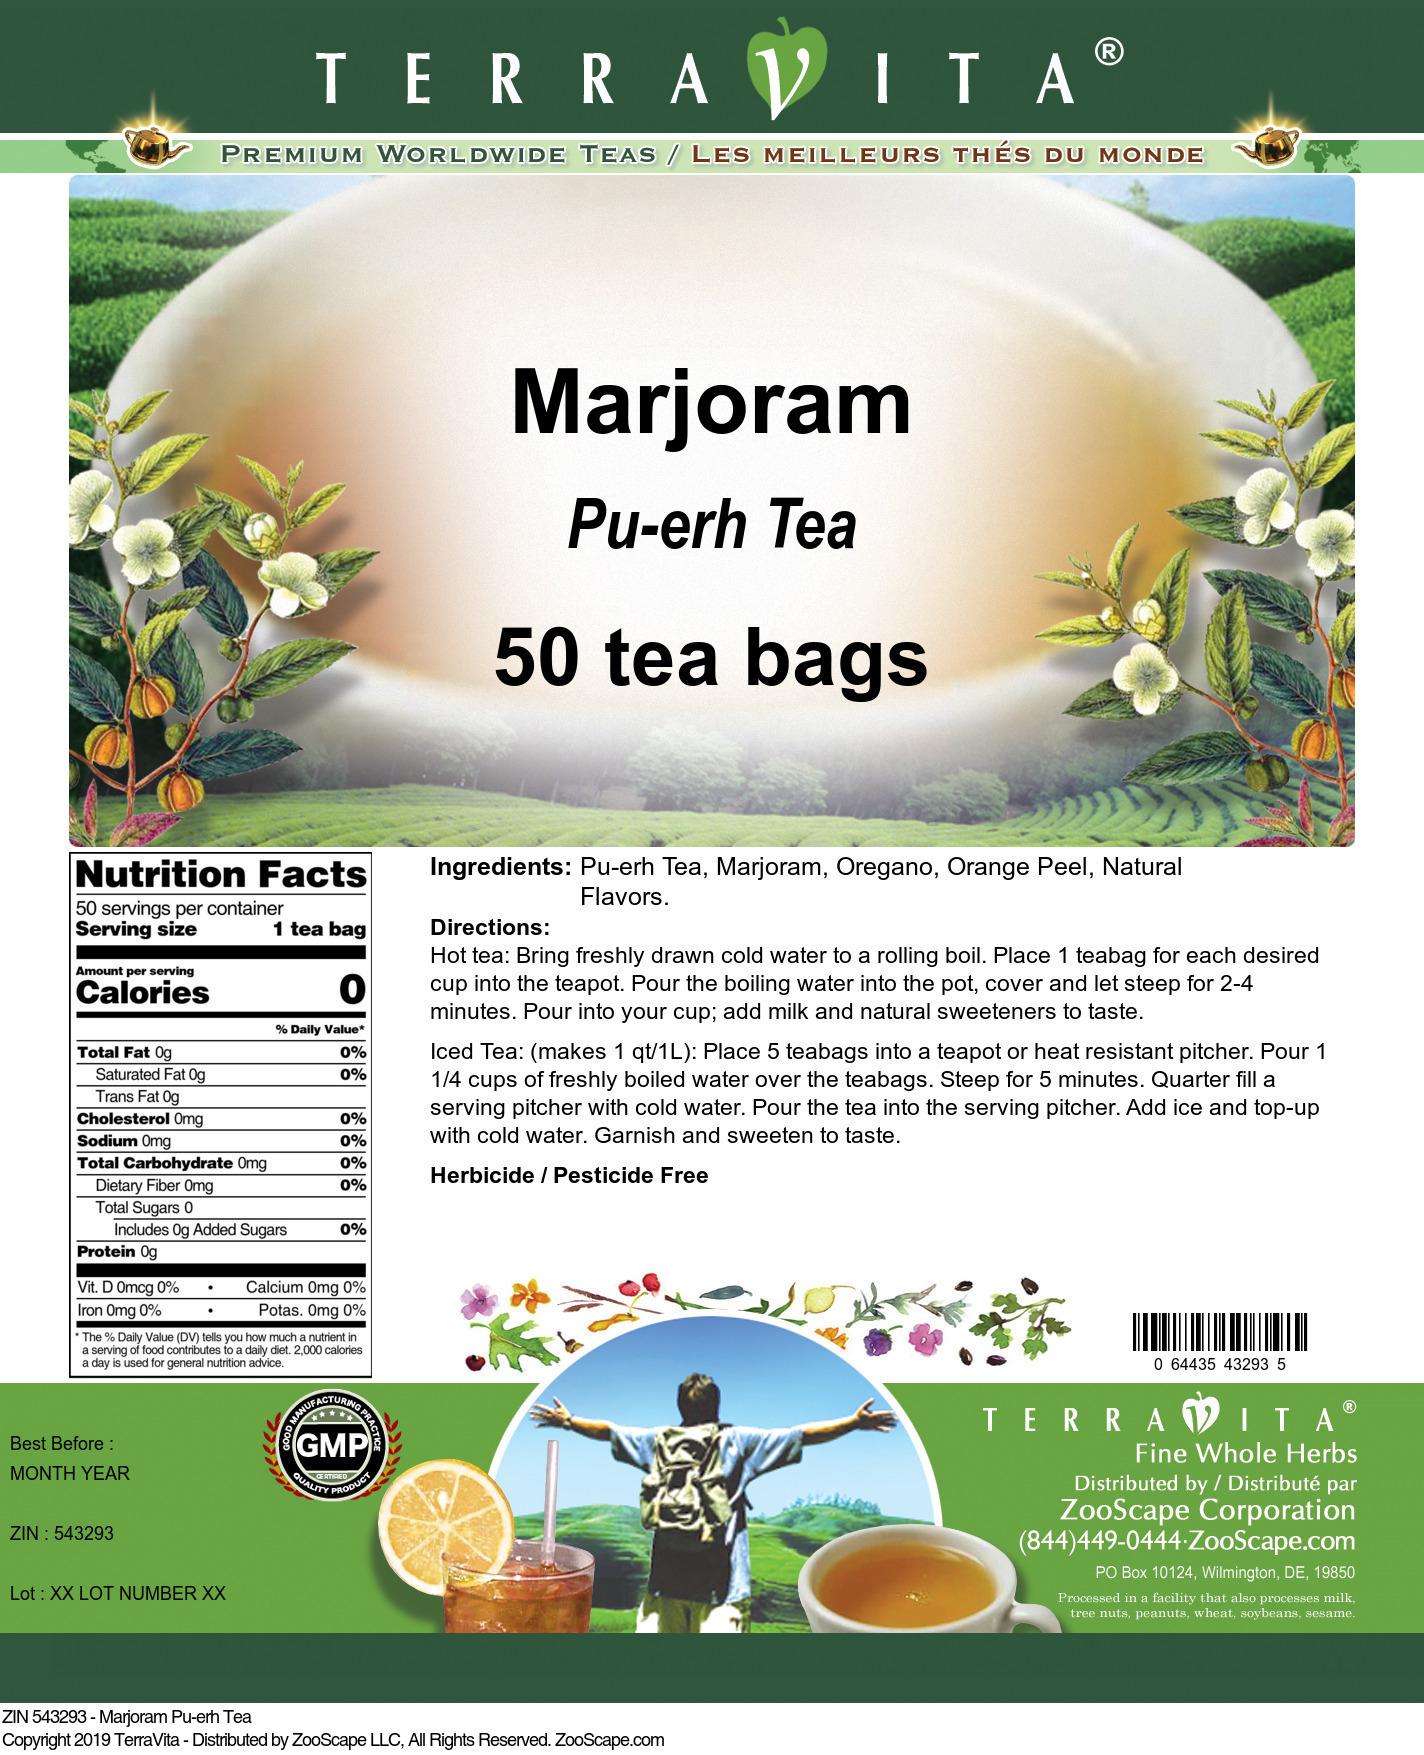 Marjoram Pu-erh Tea